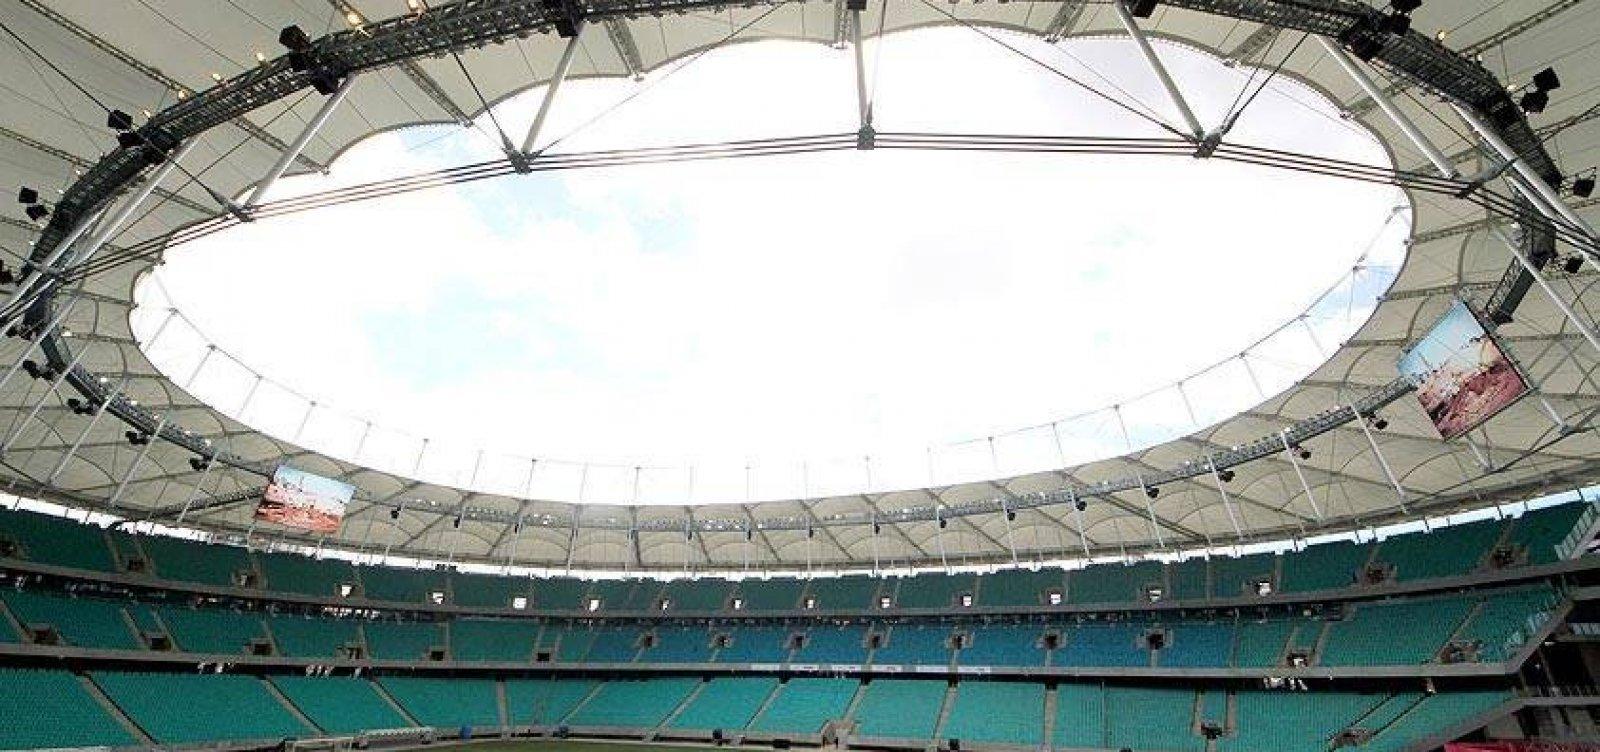 [Tour na Fonte: conheça a nova Arena Fonte Nova e também passei pela história do estádio]